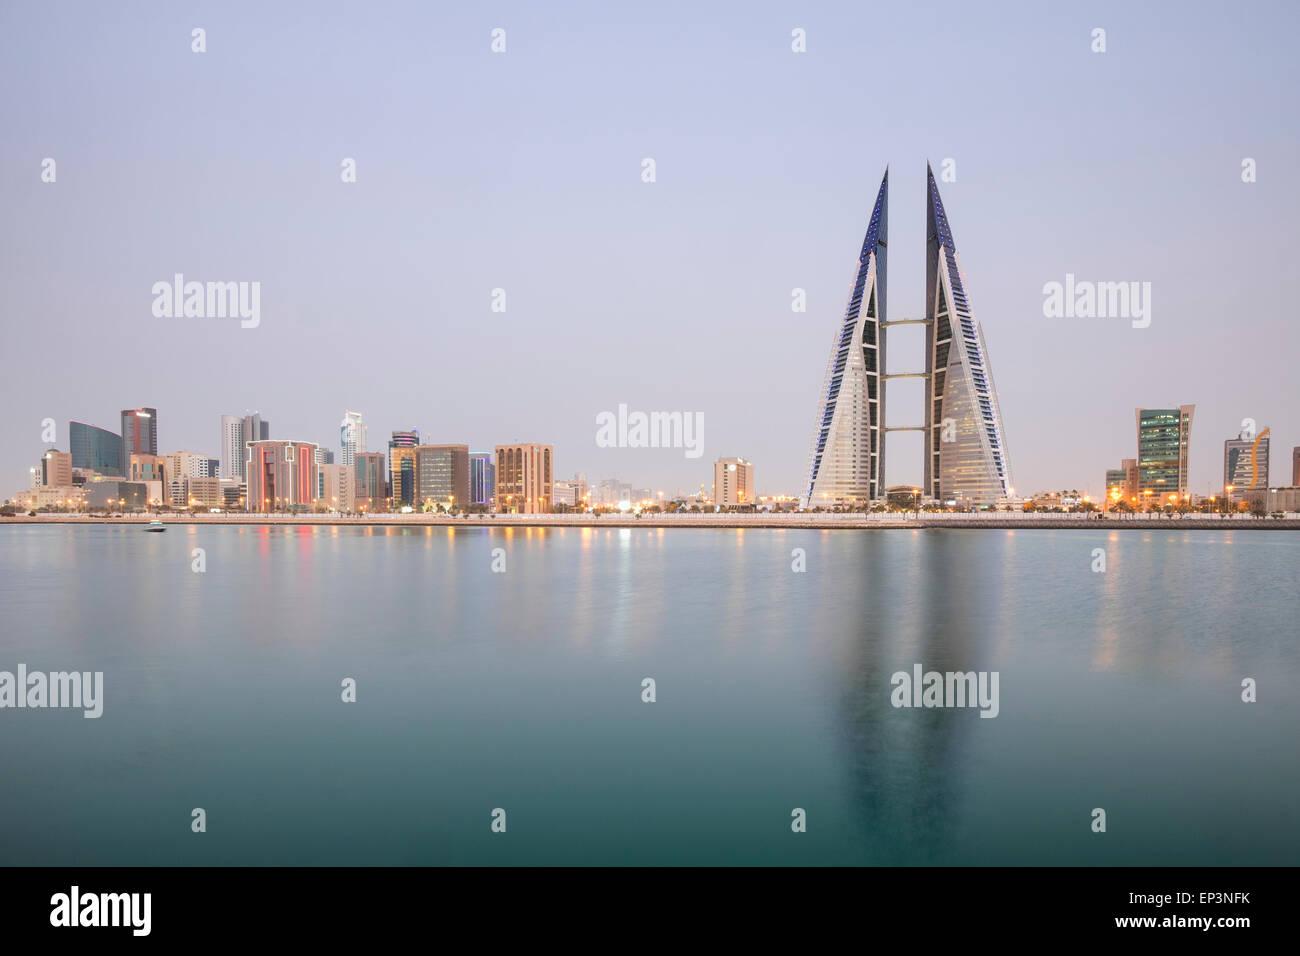 Avis de World Trade Center et les toits de Manama au Royaume de Bahreïn Photo Stock